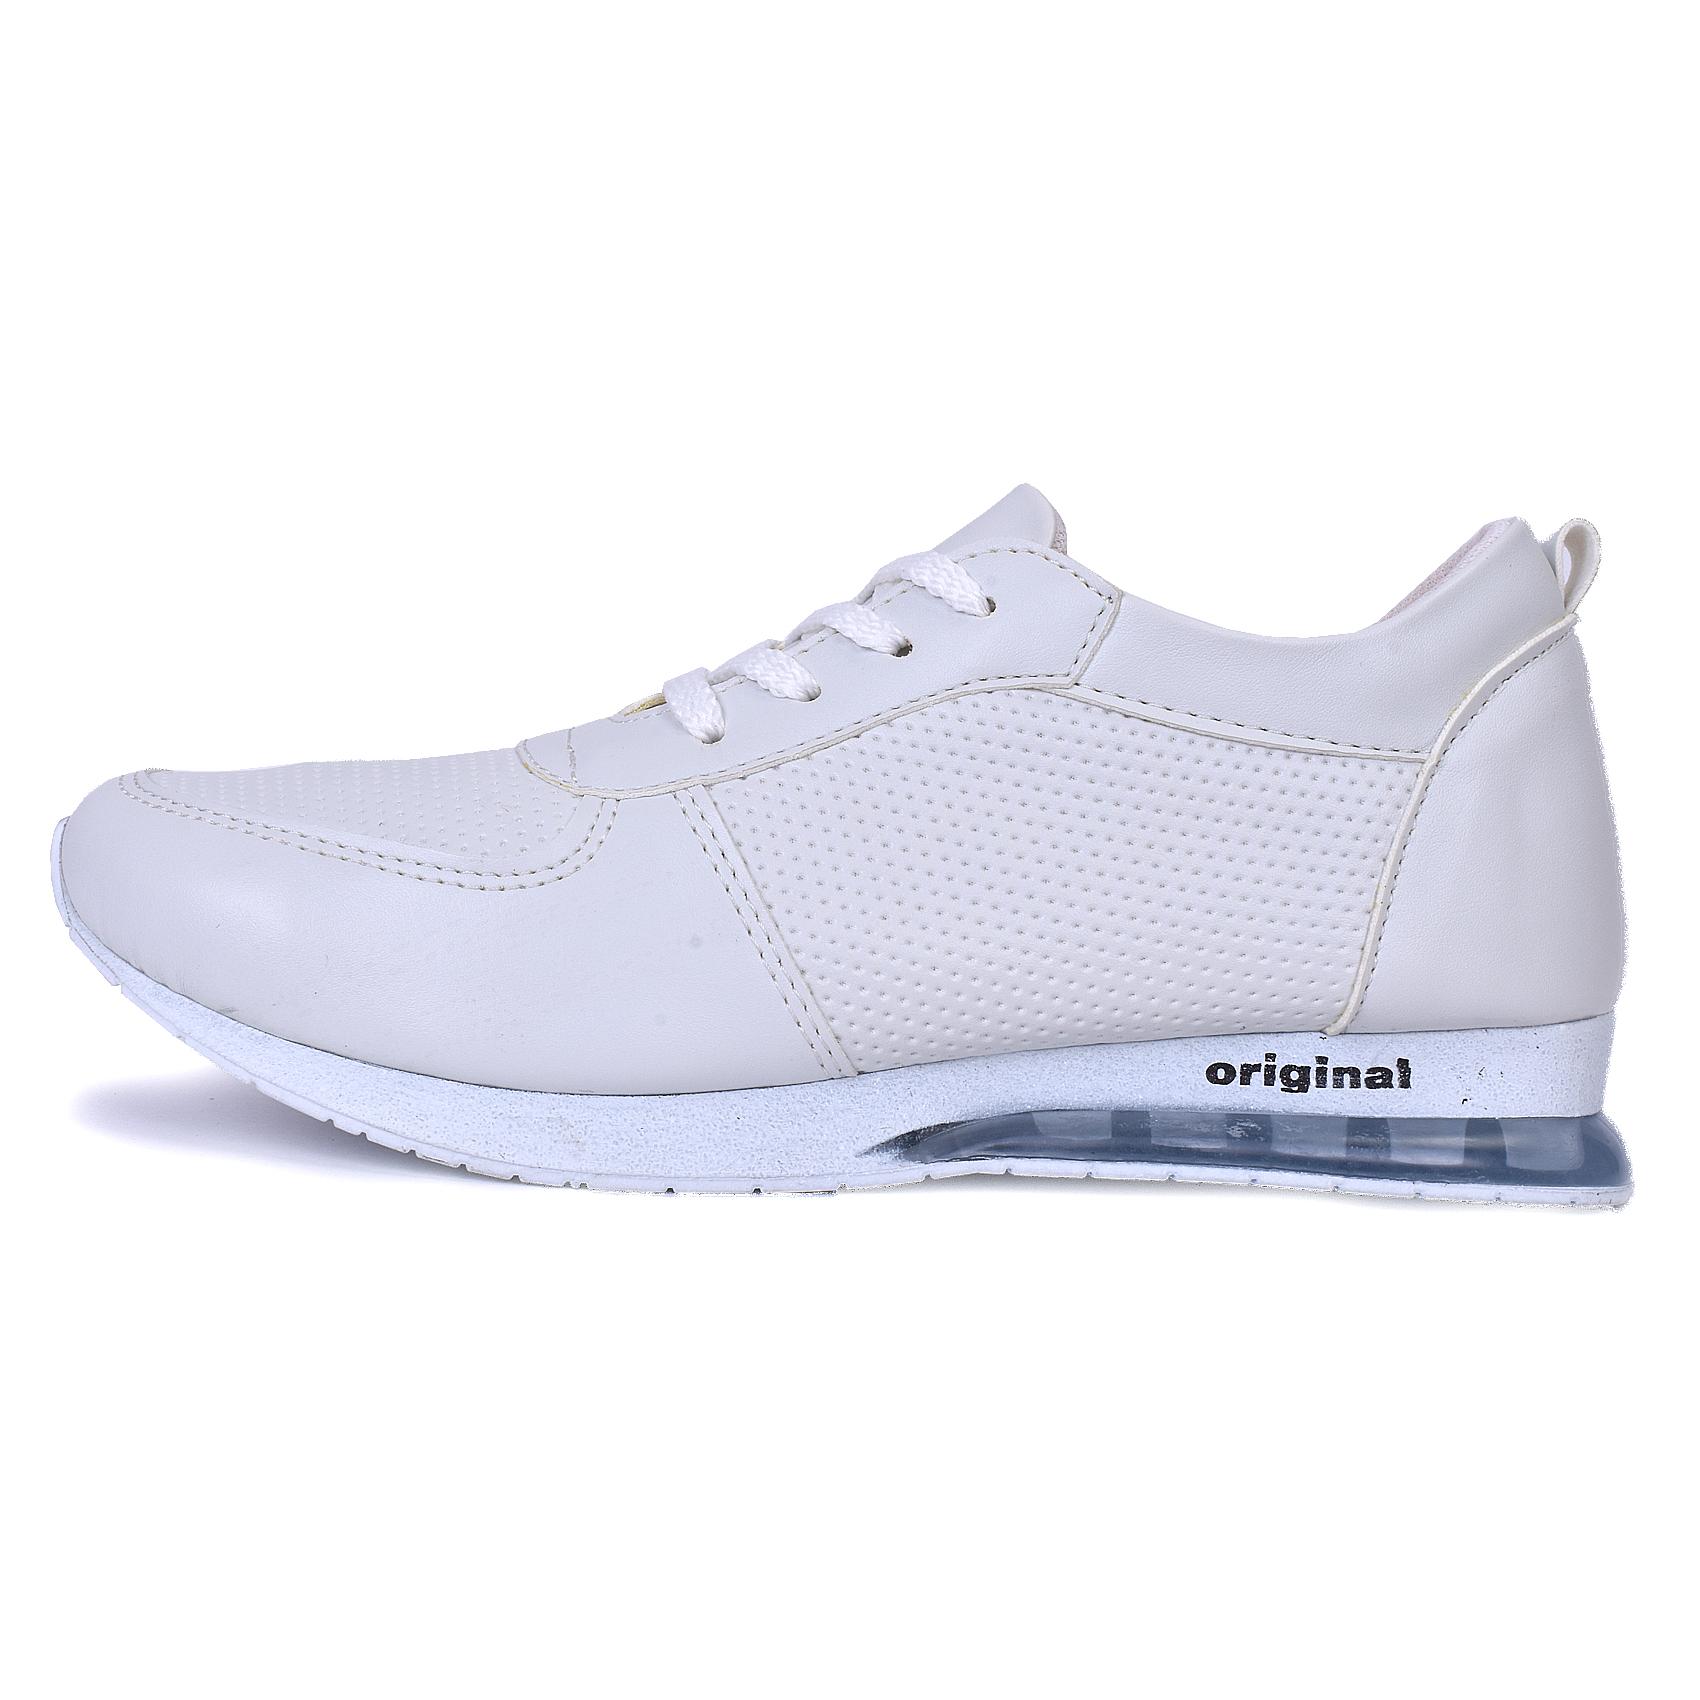 کفش مخصوص پیاده روی مدل bagh-kh رنگ سفید